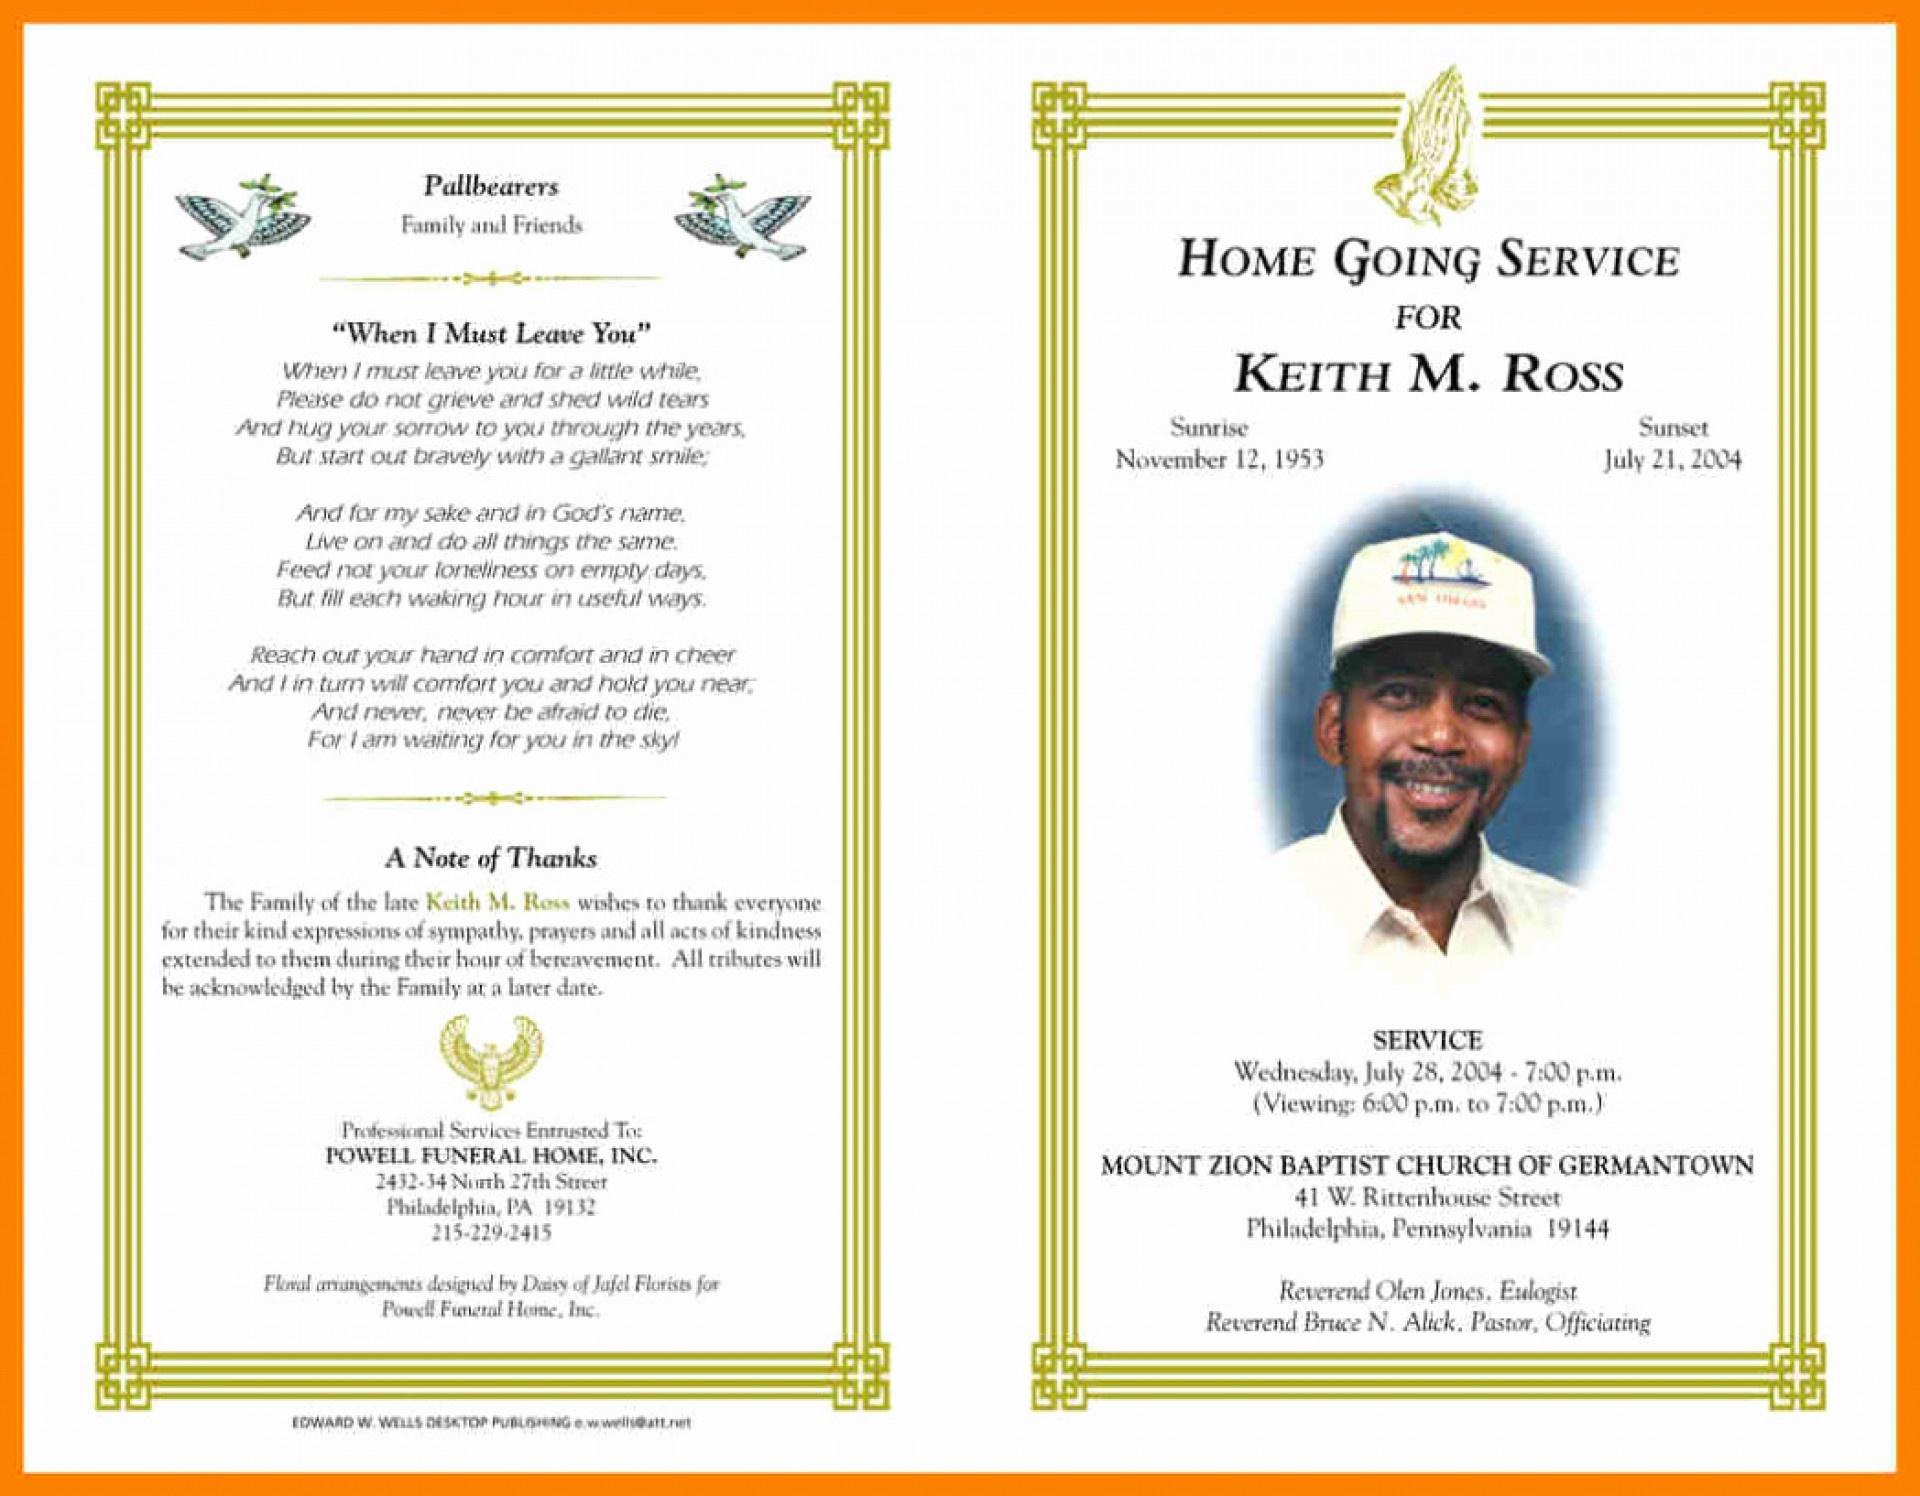 012 Free Printable Memorial Card Template New Obituary Word With - Free Printable Memorial Card Template